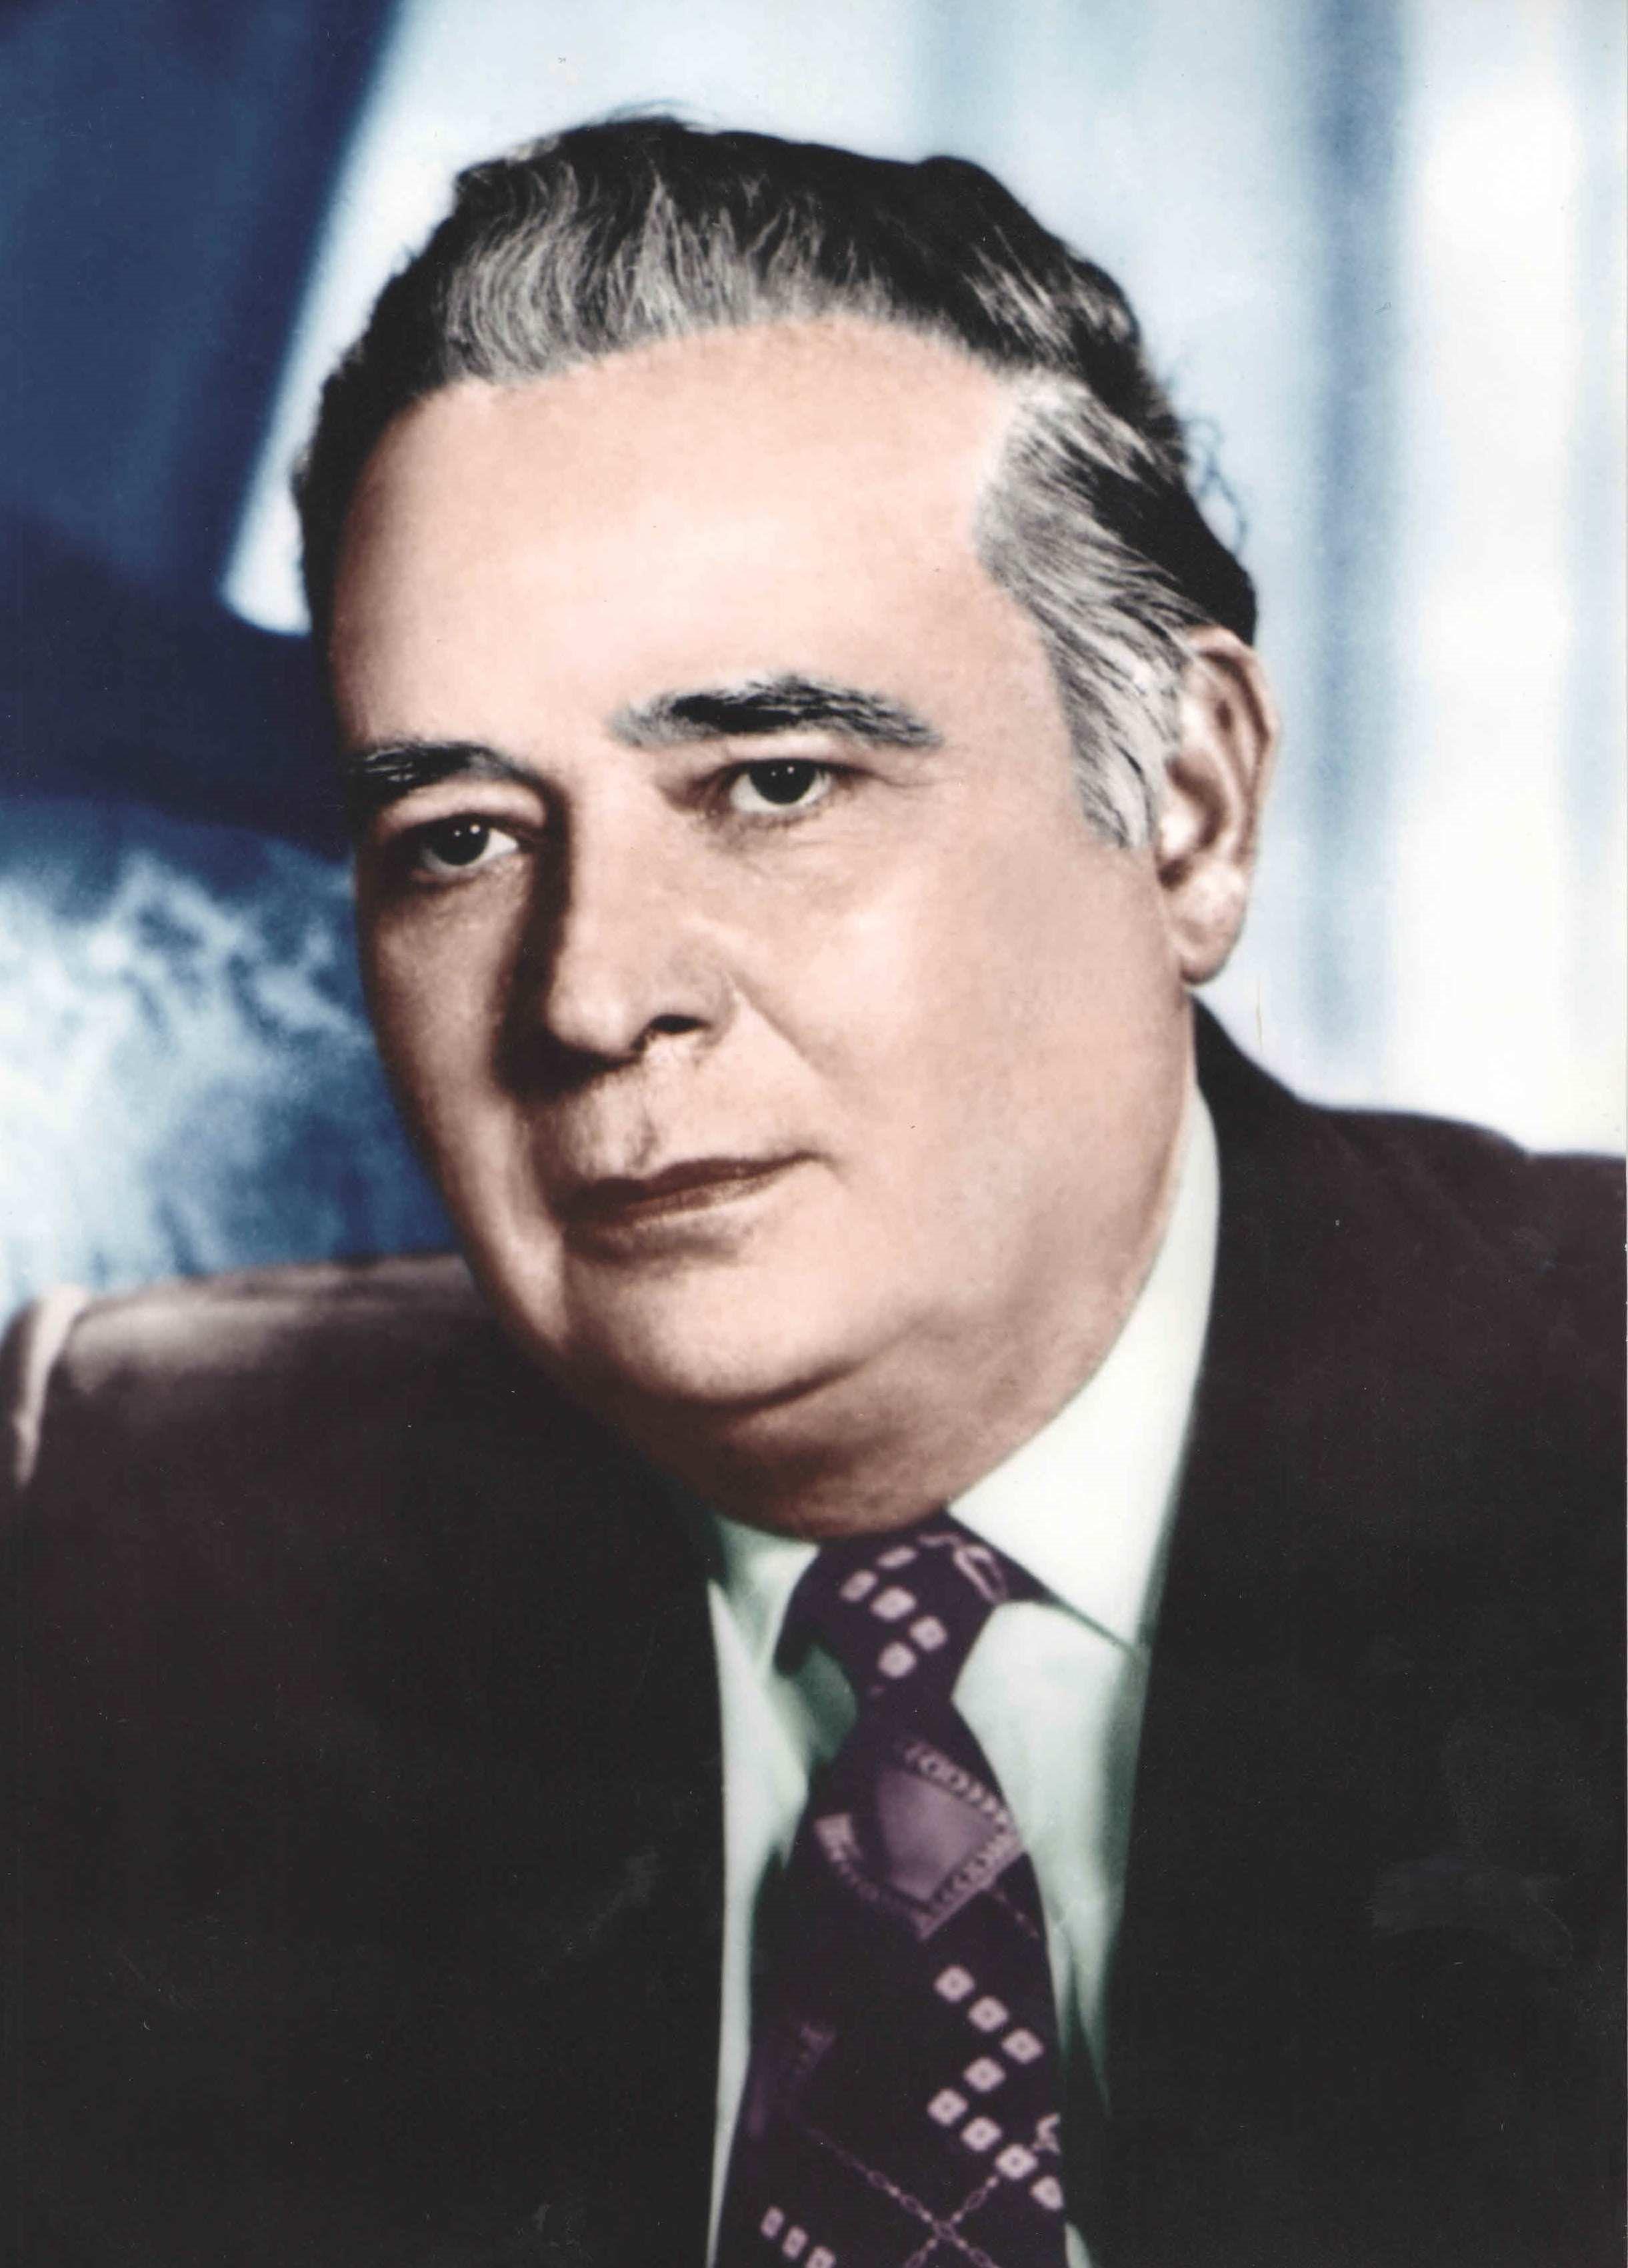 Əbdülvahab Rəhim oğlu Salamzadə  1916-1983 memarlıq elmləri doktoru, professor,  Azərbaycan Elmlər Akademiyasının həqiqi üzvü